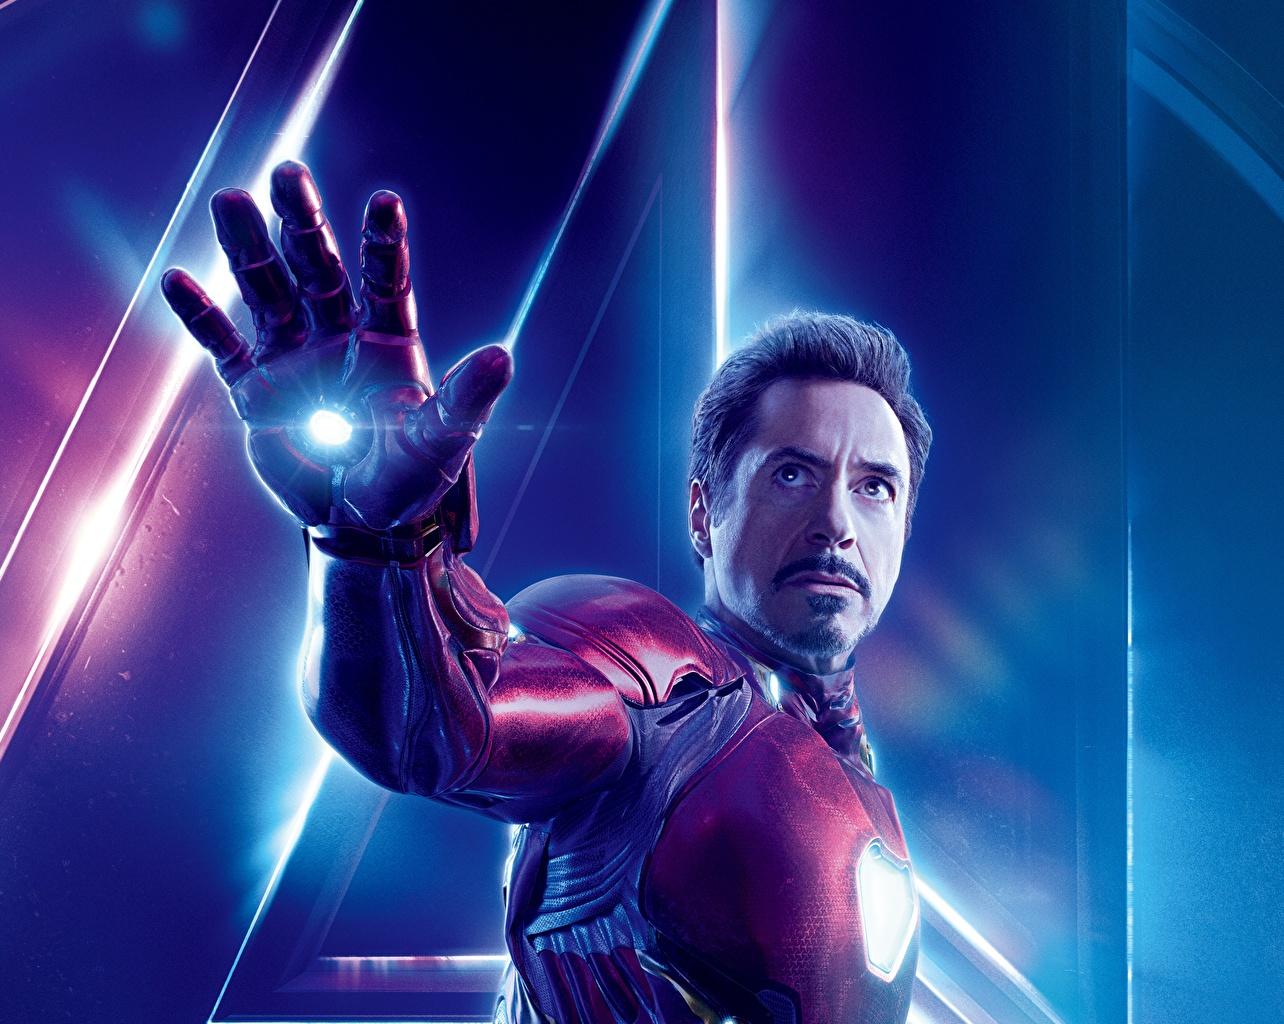 Fotos Avengers: Infinity War Robert Downey Jr Iron Man Held Mann Film Hand Prominente